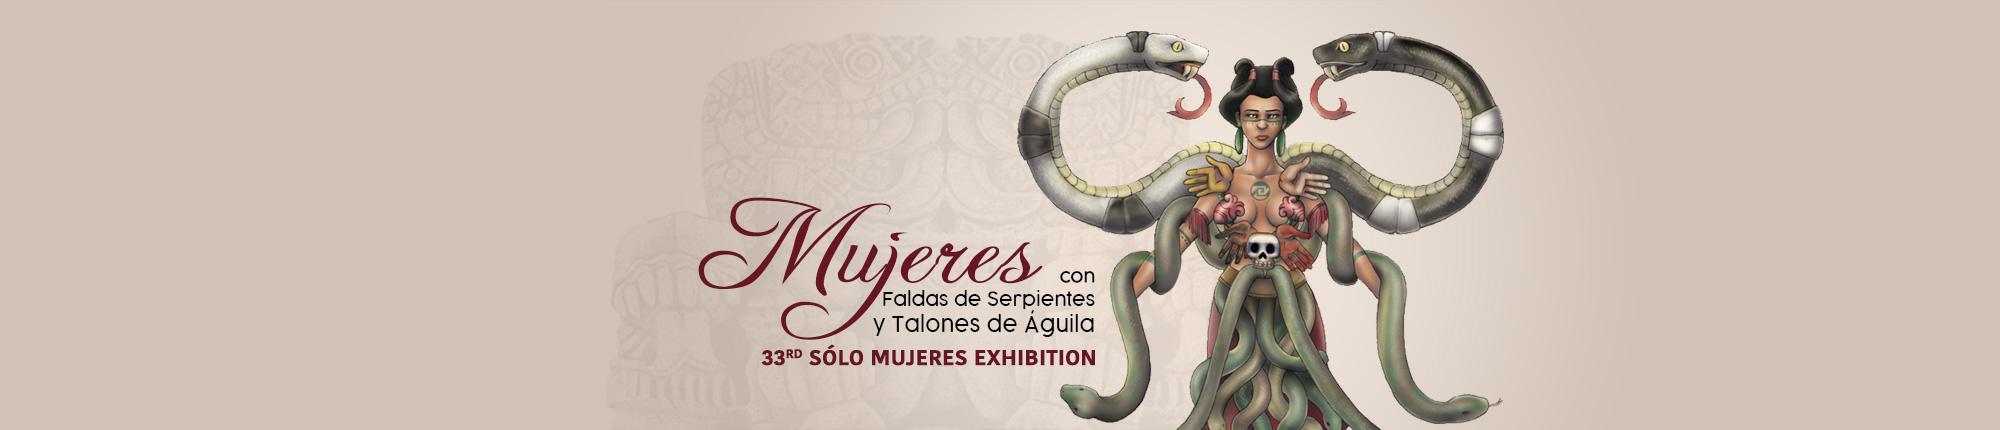 Mujeres Con Faldas de Serpientes y Talones de Águila: 33rd Sólo Mujeres Exhibition